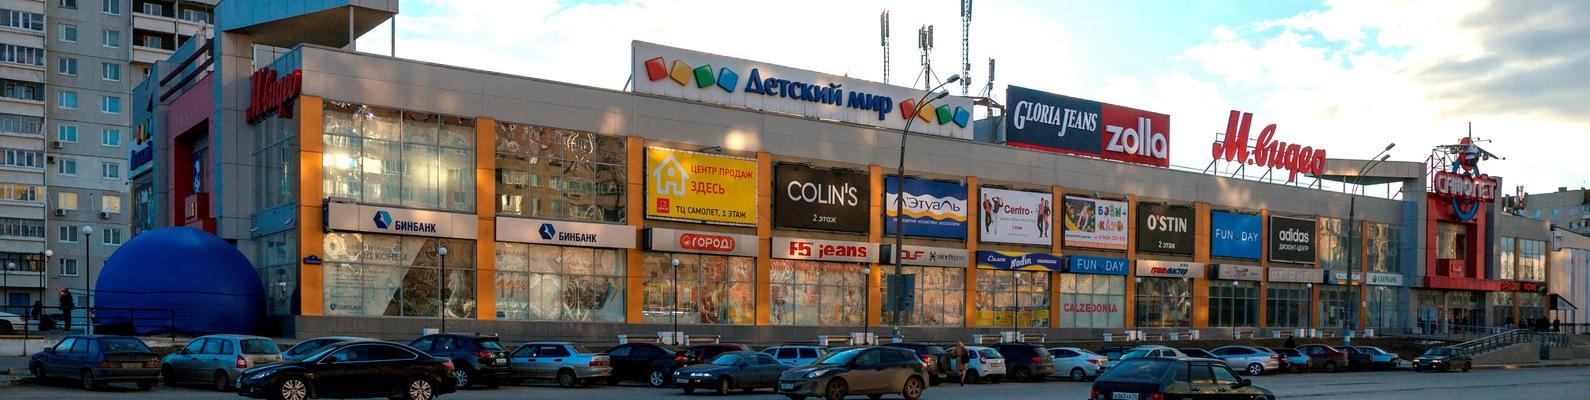 Место действия торговый центр pdf скачать